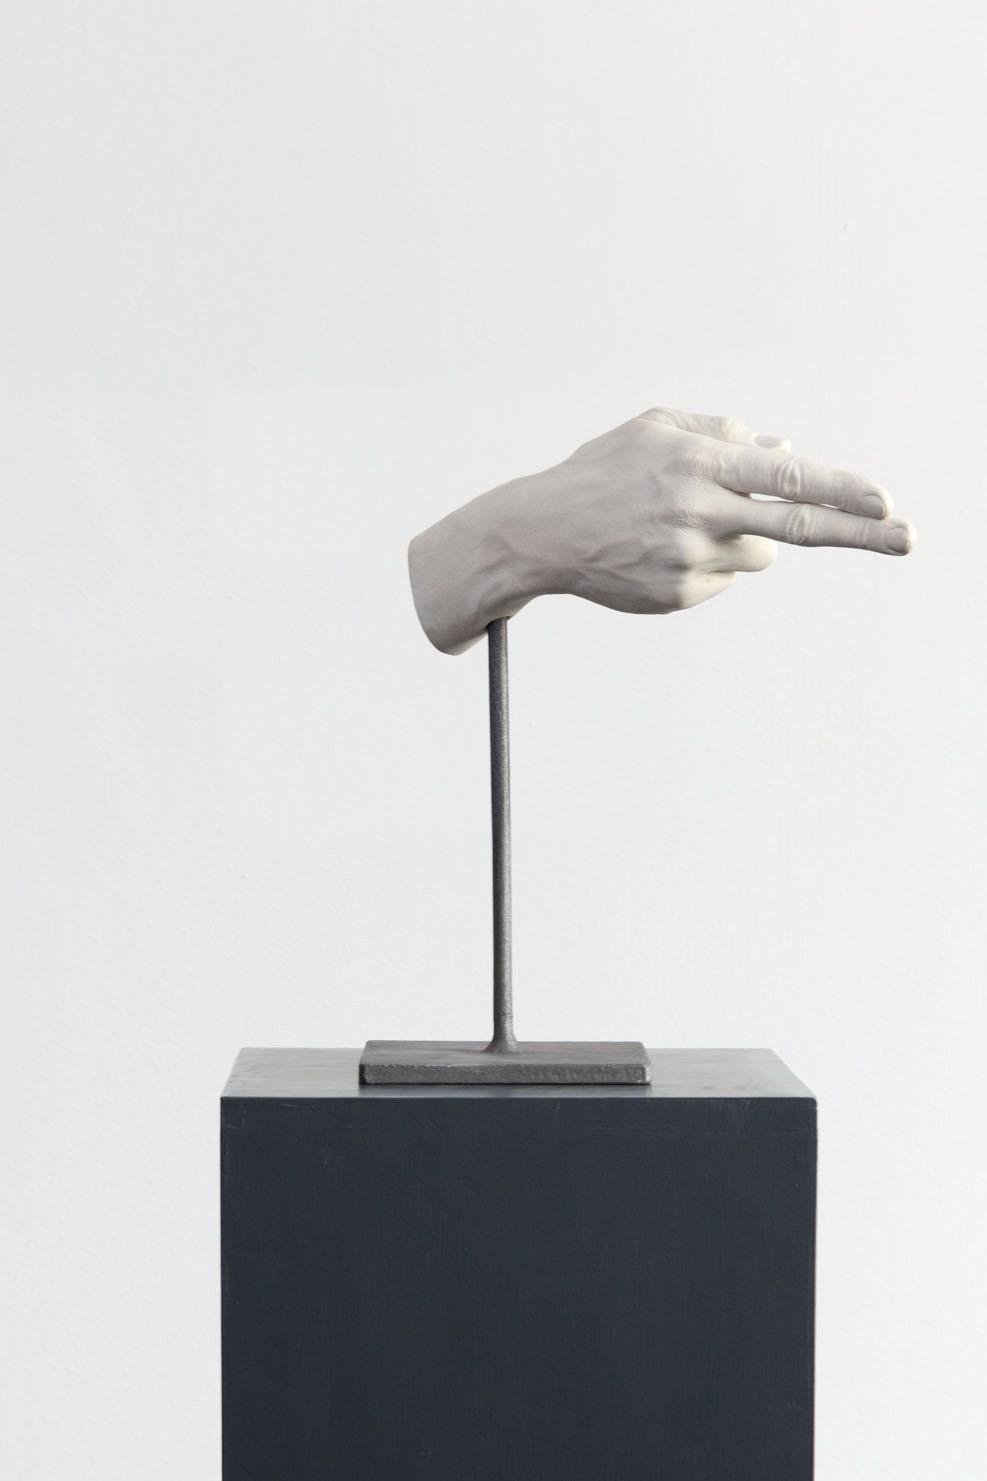 Michele Chiossi 14/05/1977, 2014   gesso ceramico, resina, ferro   35x30x10 cm gesti mano sparare emoji emoticon